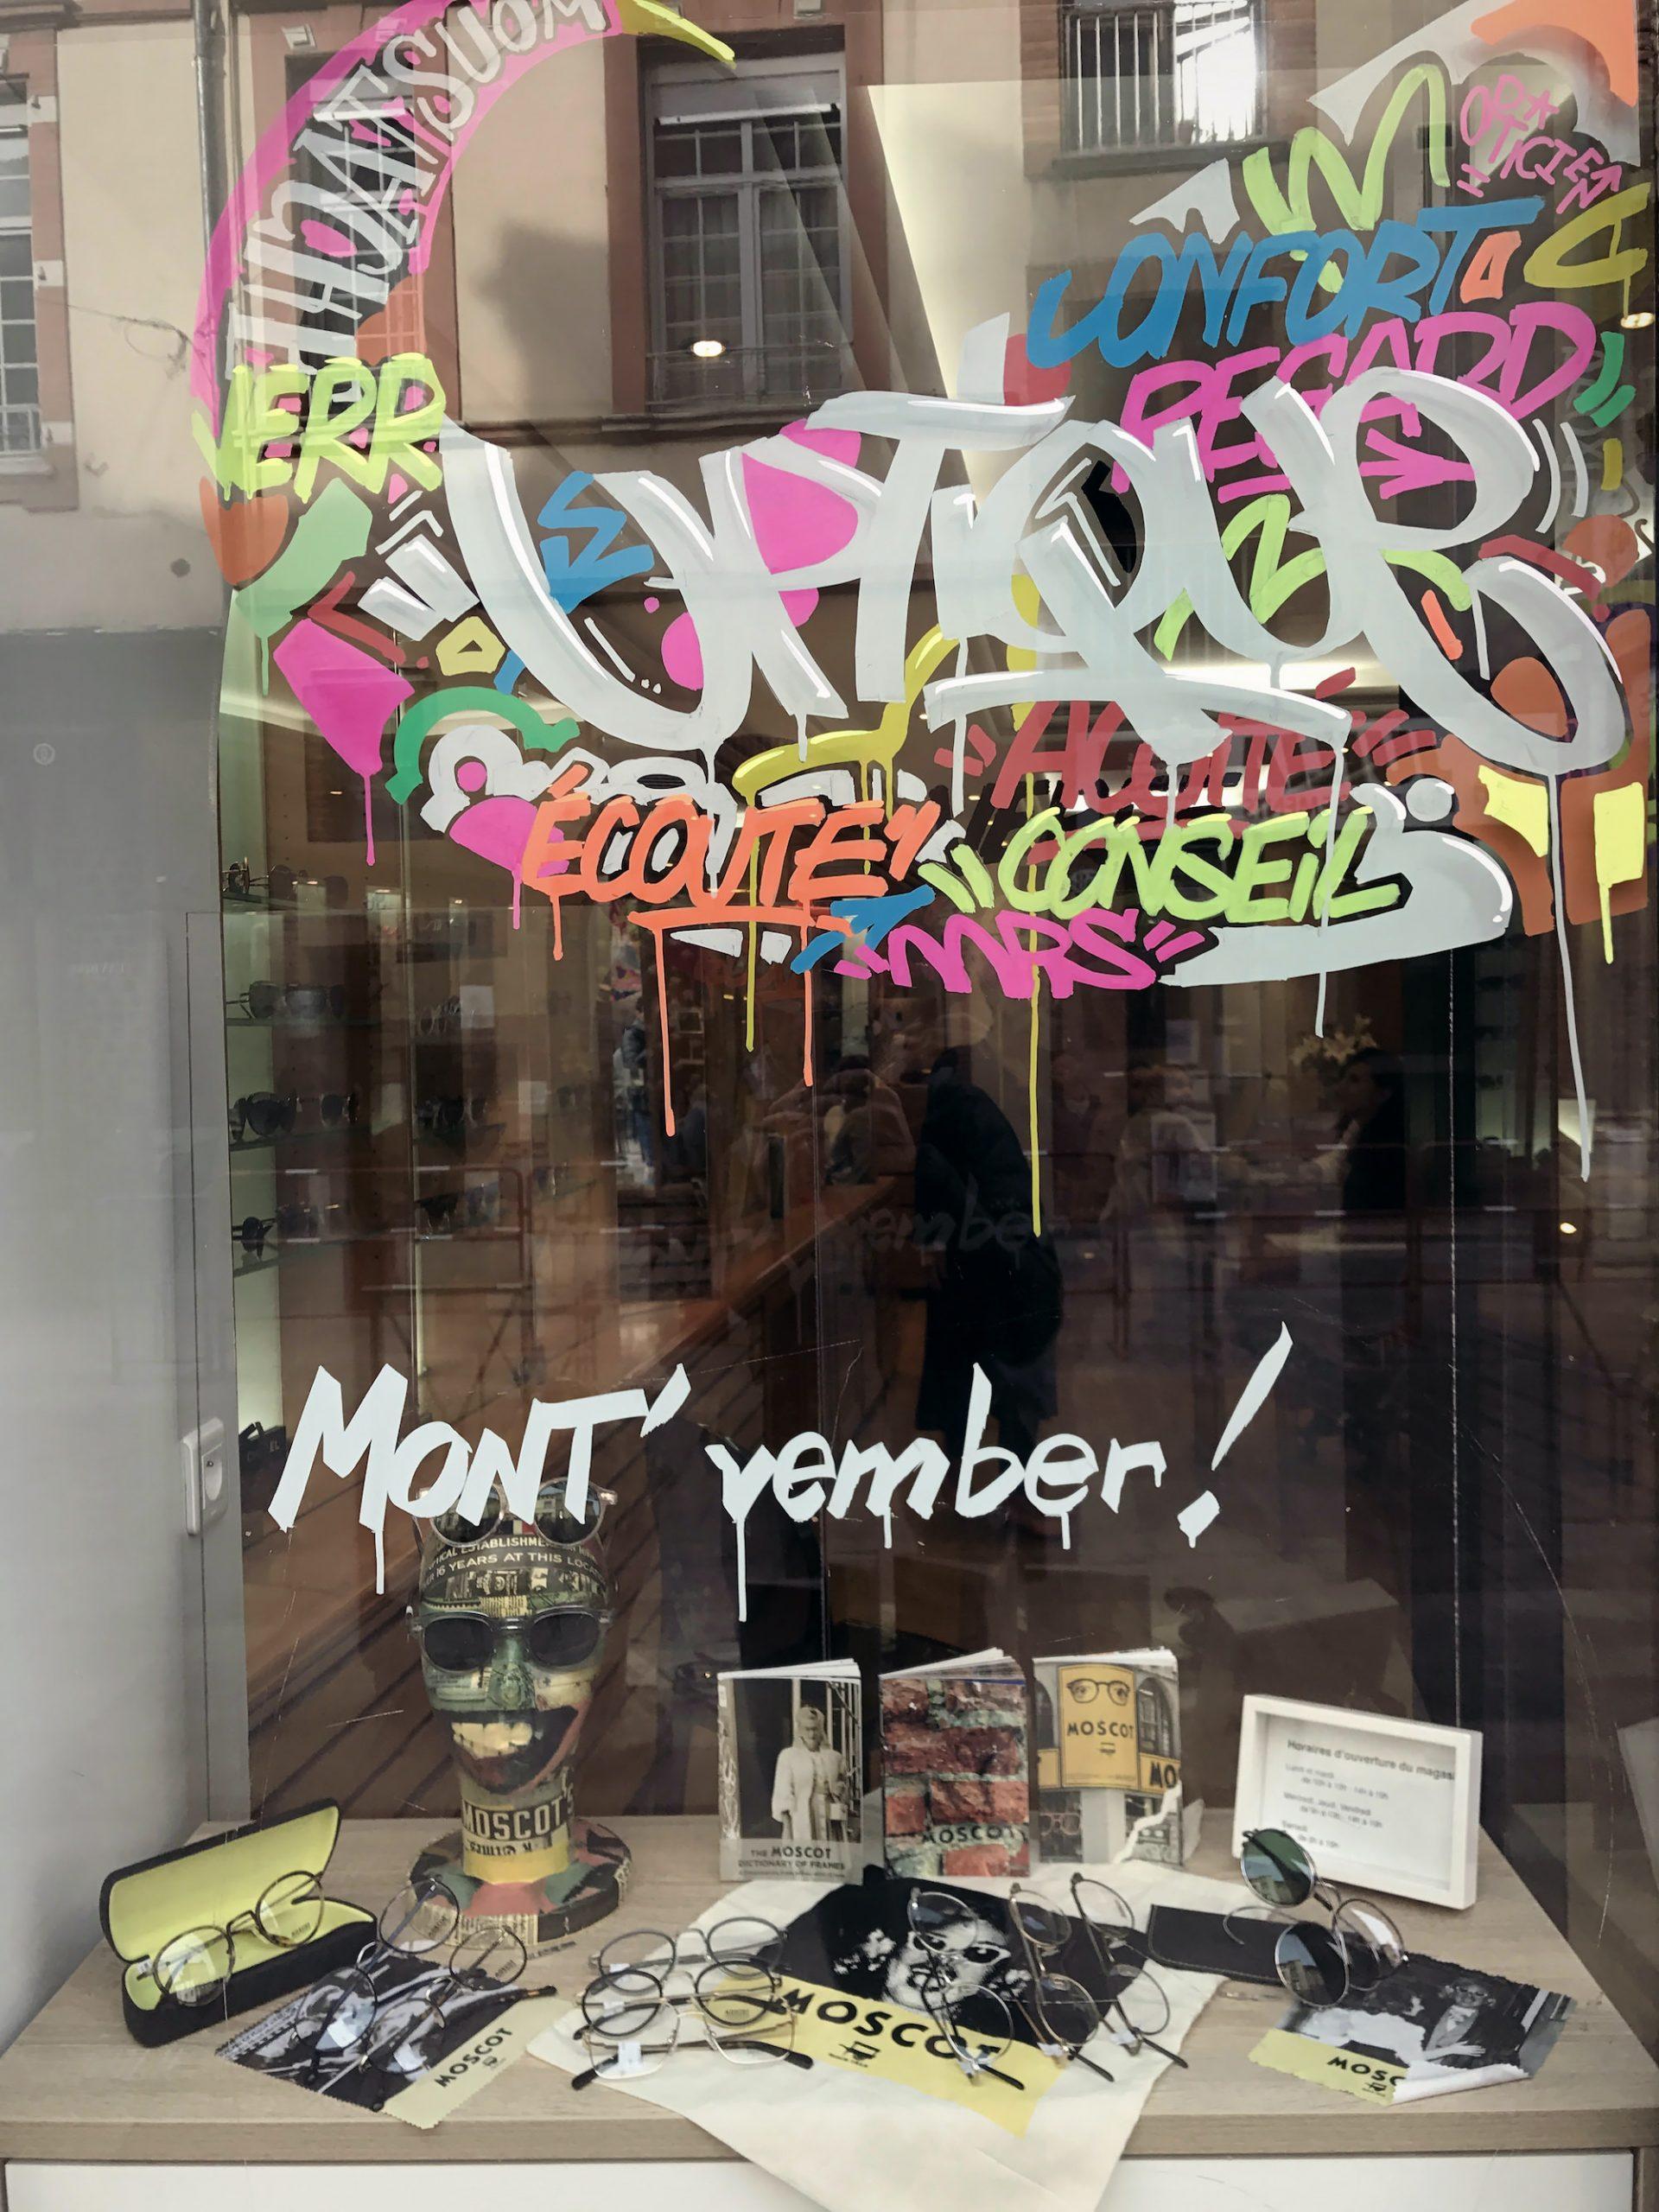 decoration graffiti event movember